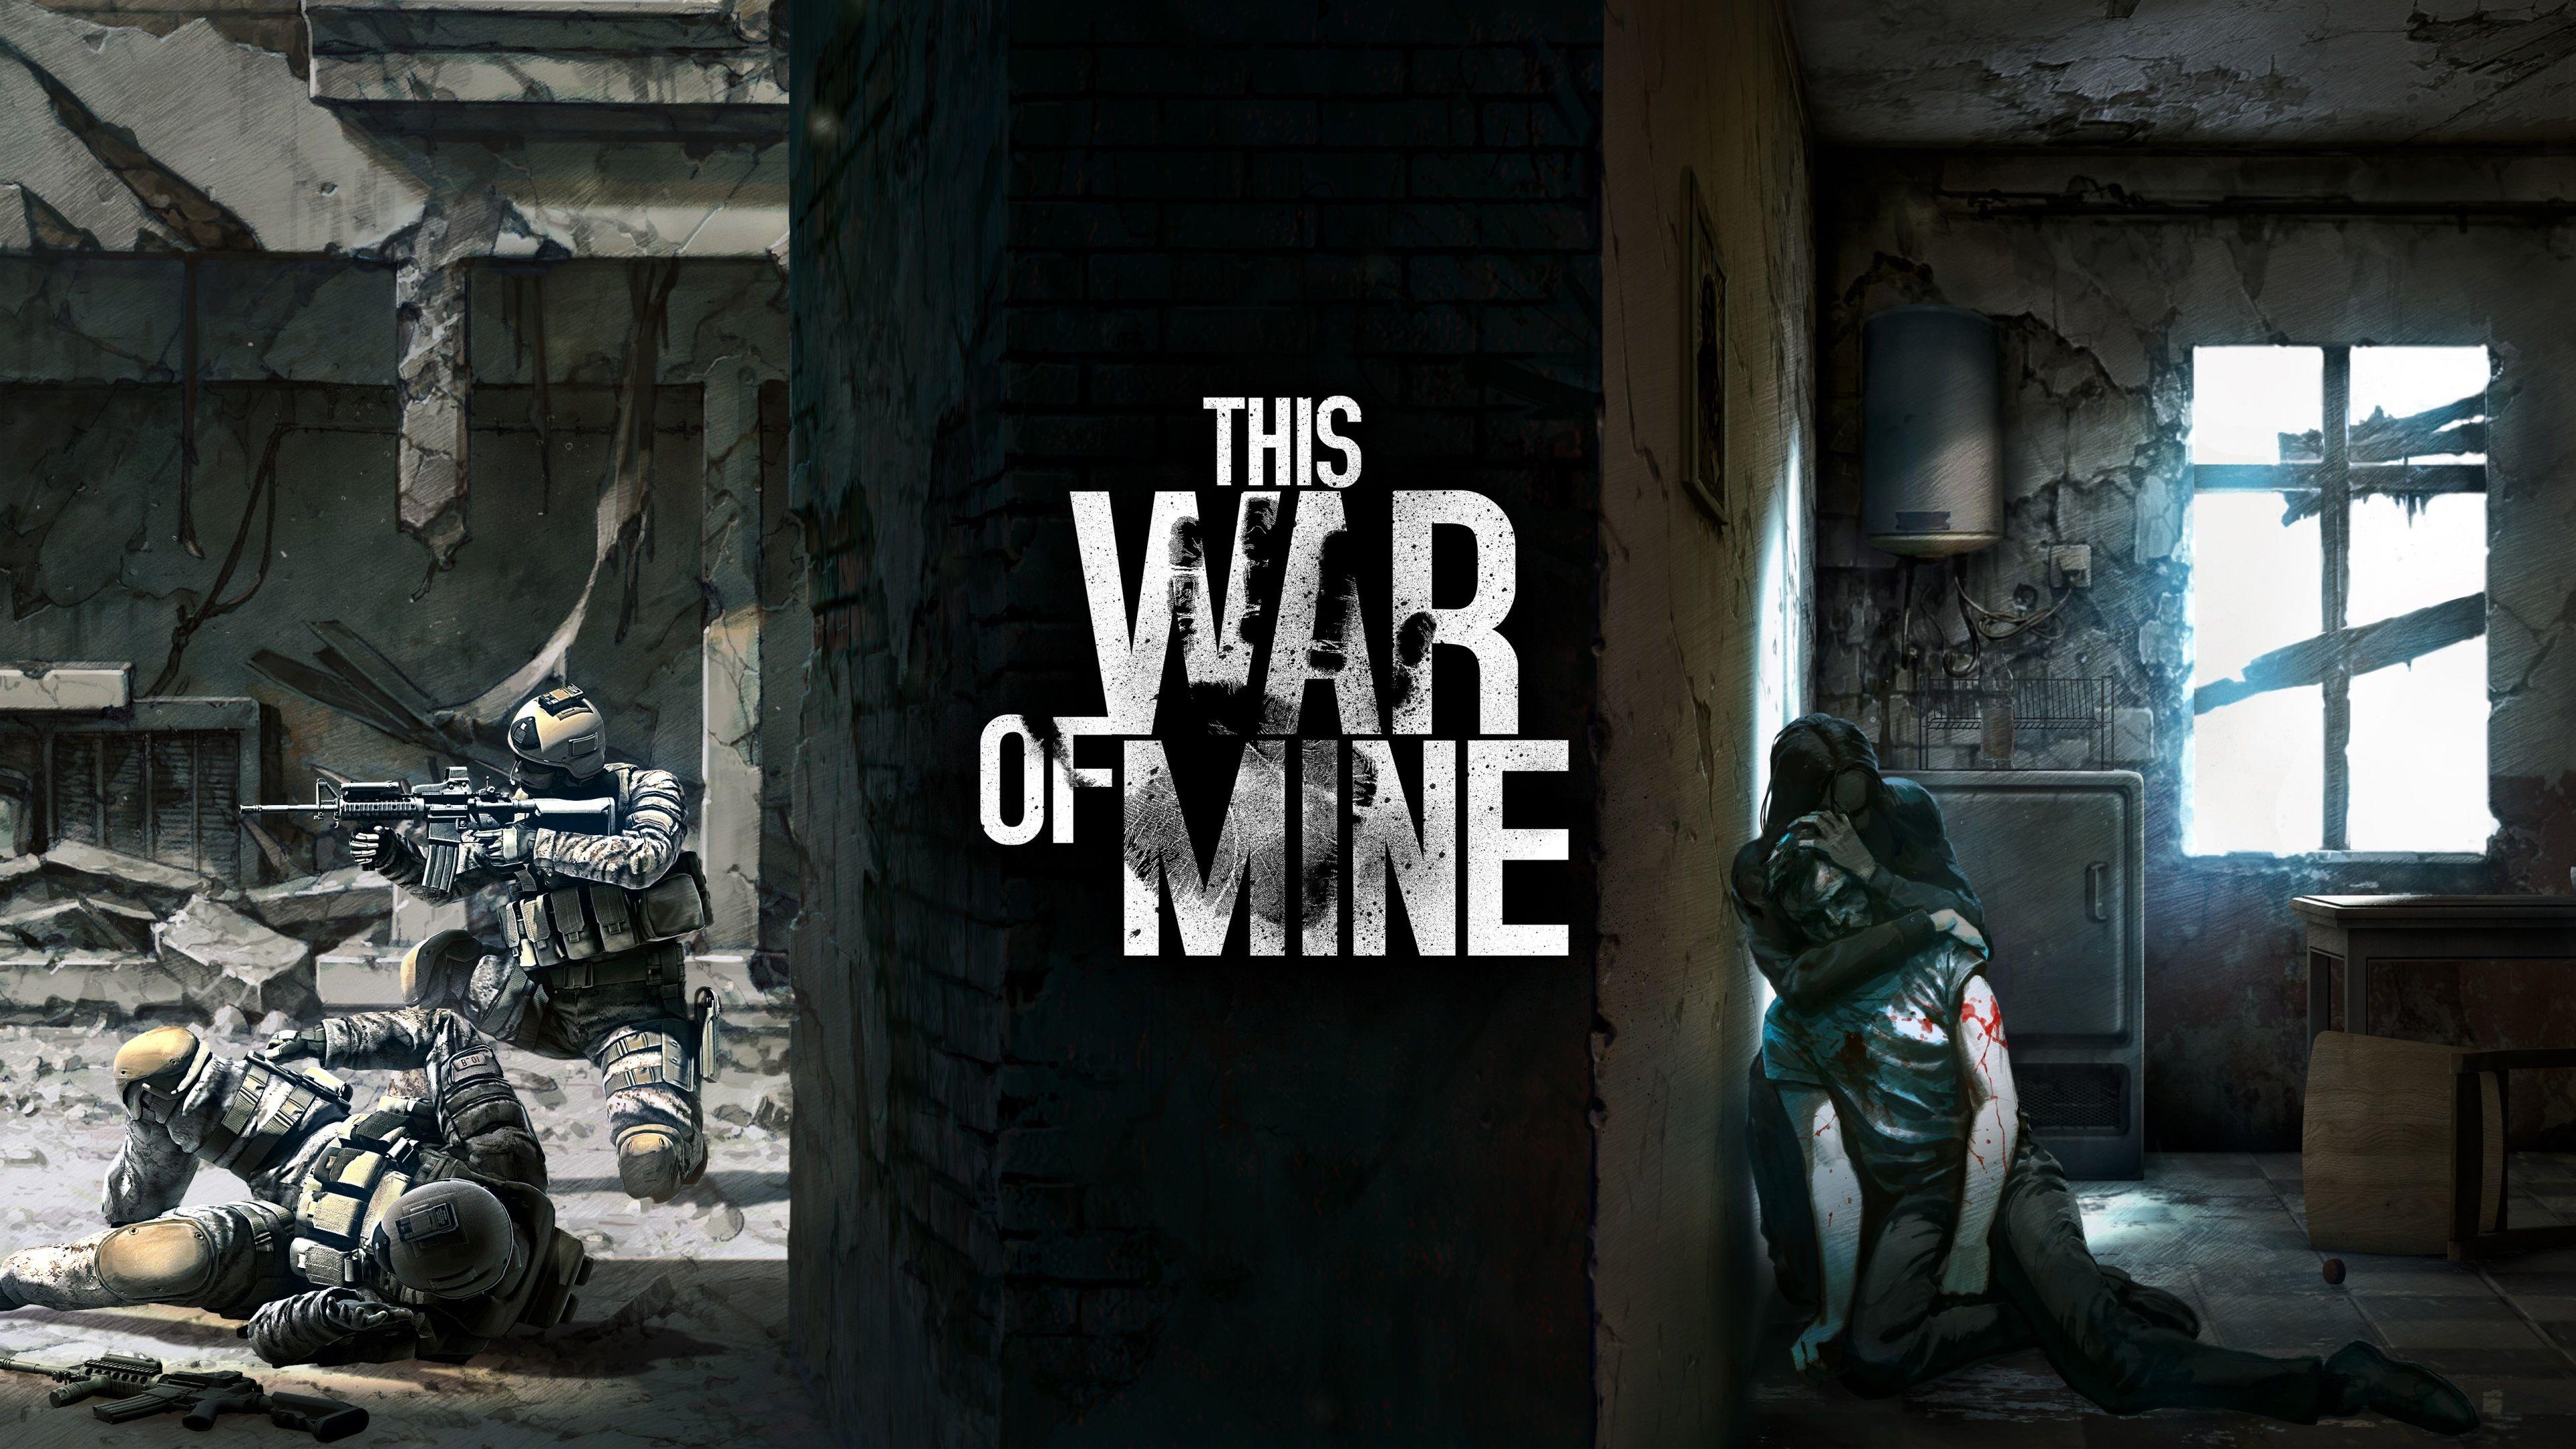 3840x2160 This War Of Mine 4k Wallpaper Backgrounds Hd War I Am Game Steam Summer Sale